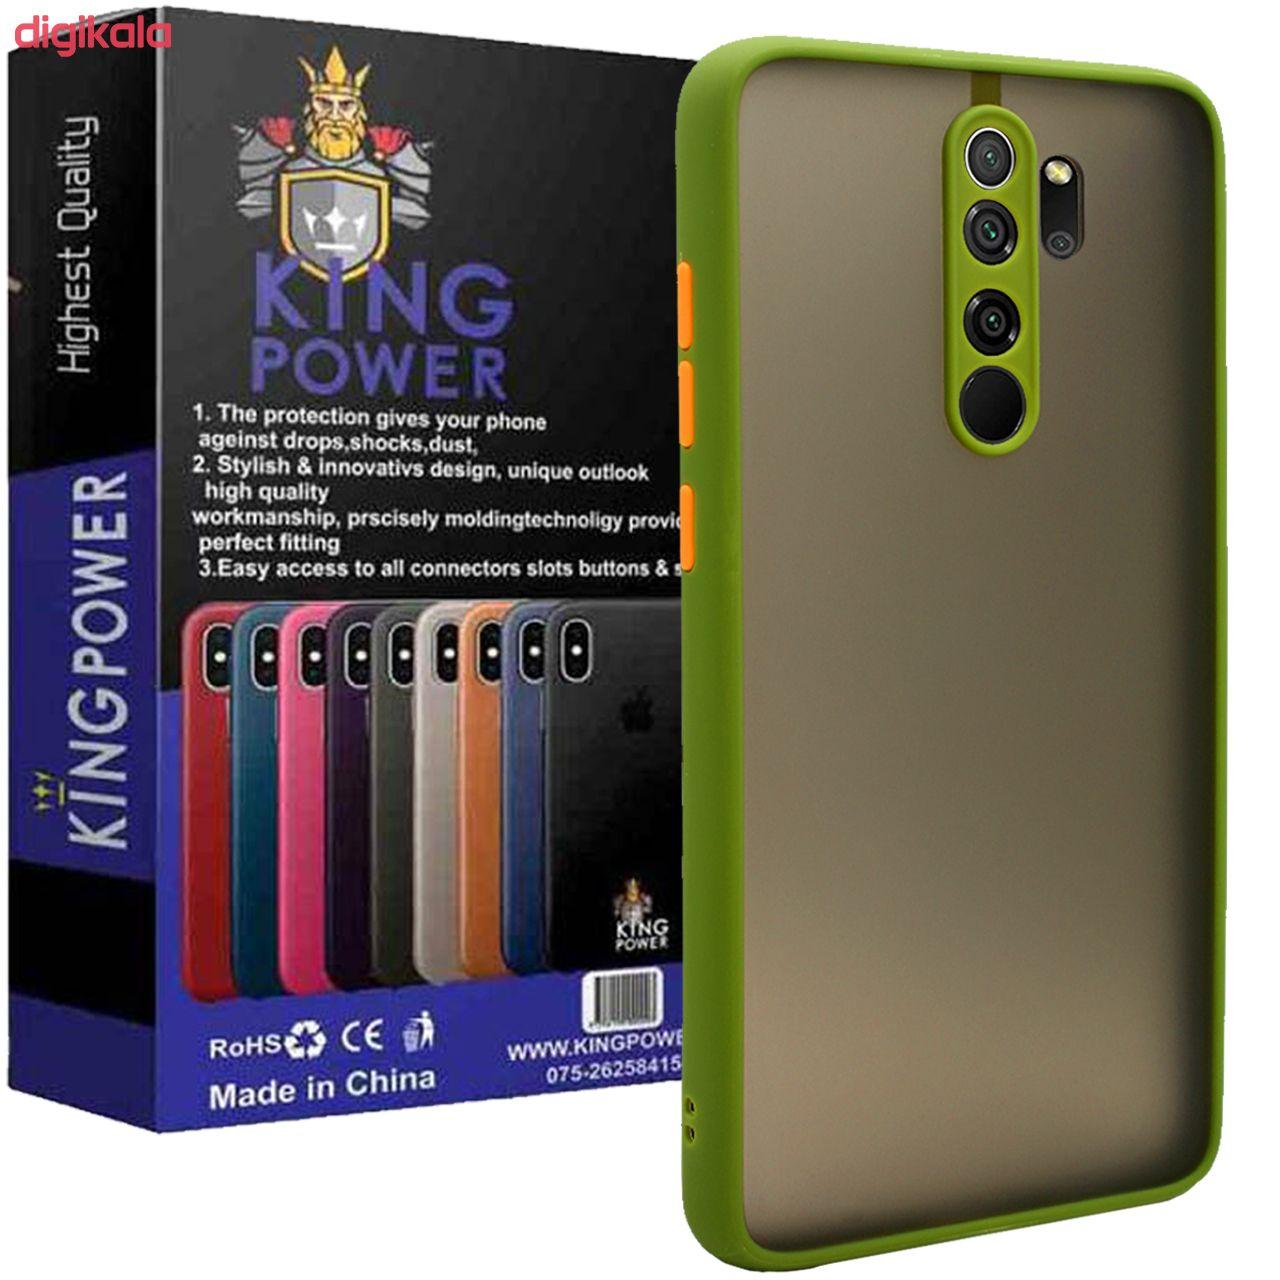 کاور کینگ پاور مدل M22 مناسب برای گوشی موبایل شیائومی Redmi Note 8 Pro main 1 1